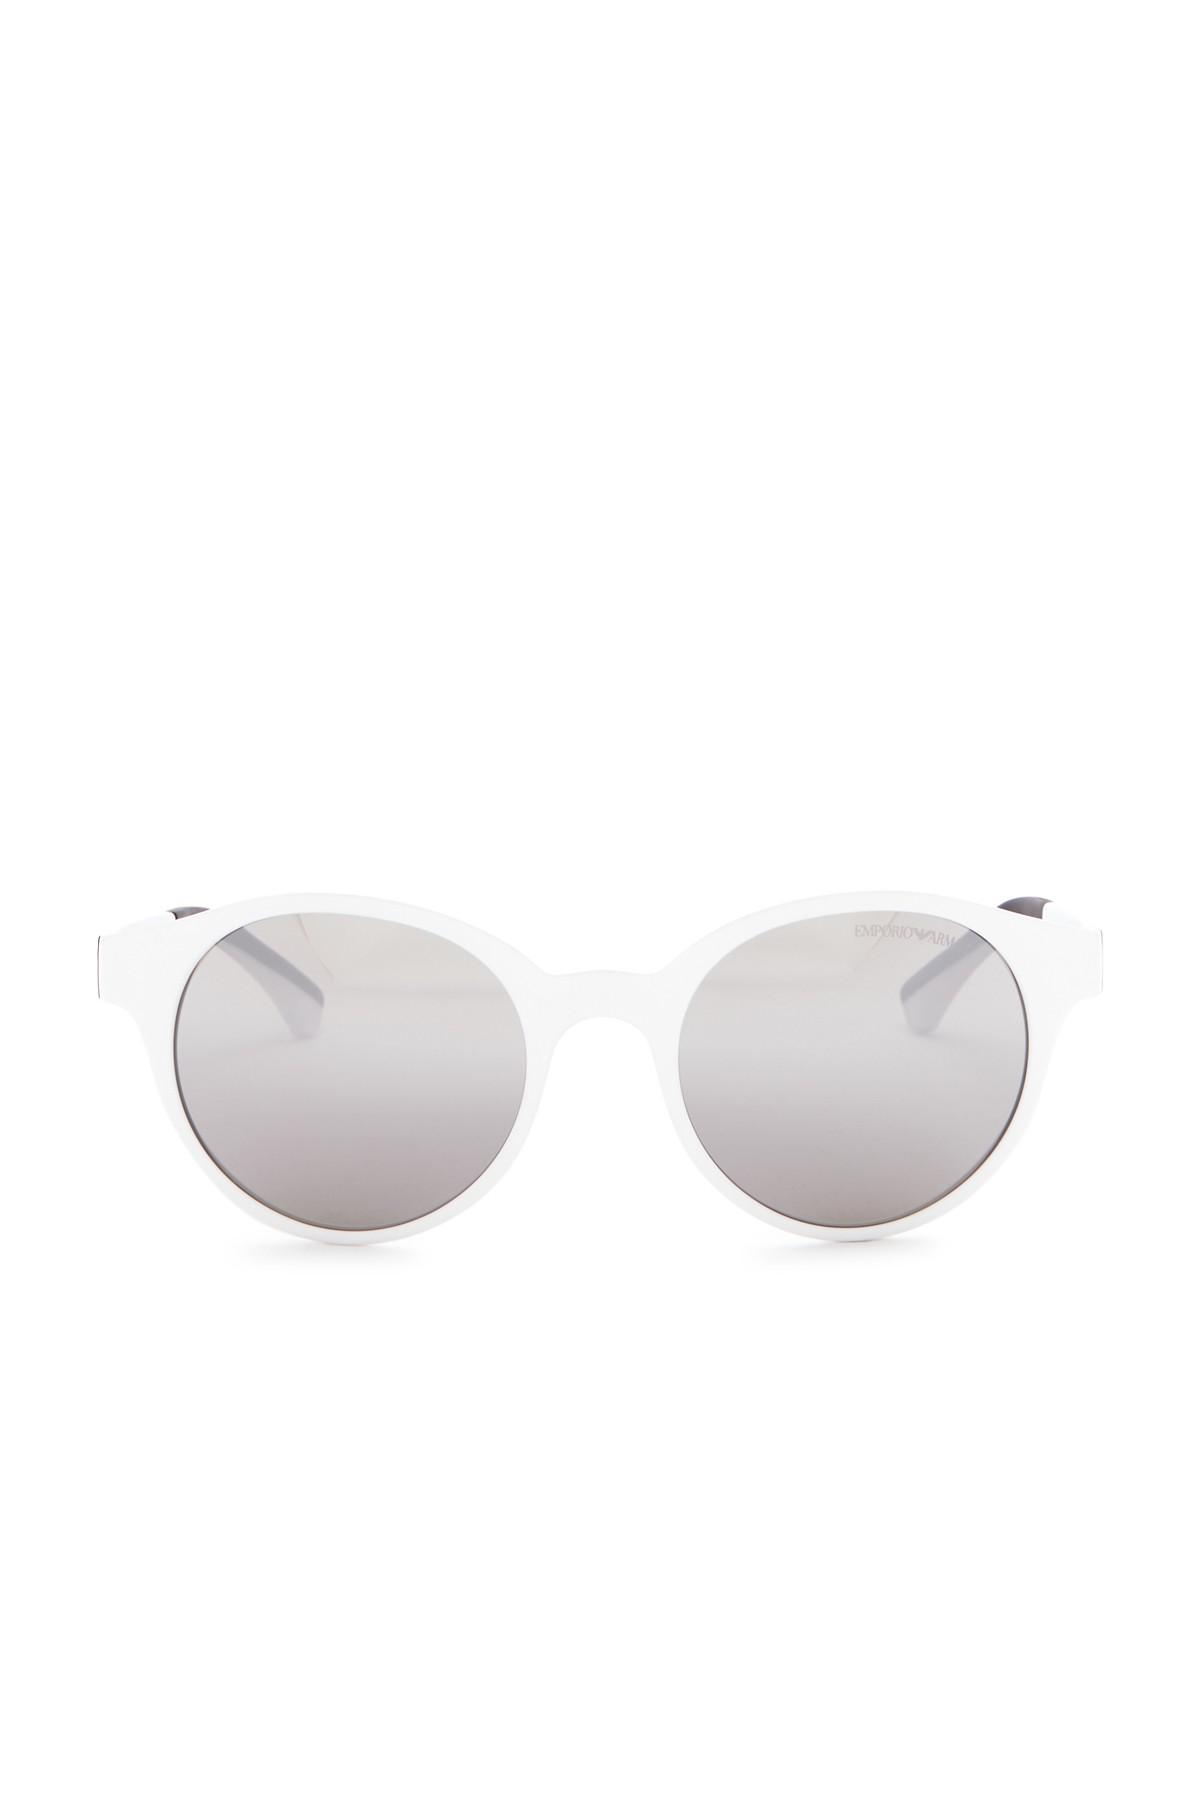 4800f51f1bb0 Lyst - Emporio Armani 51mm Round Acetate Frame Sunglasses in White ...